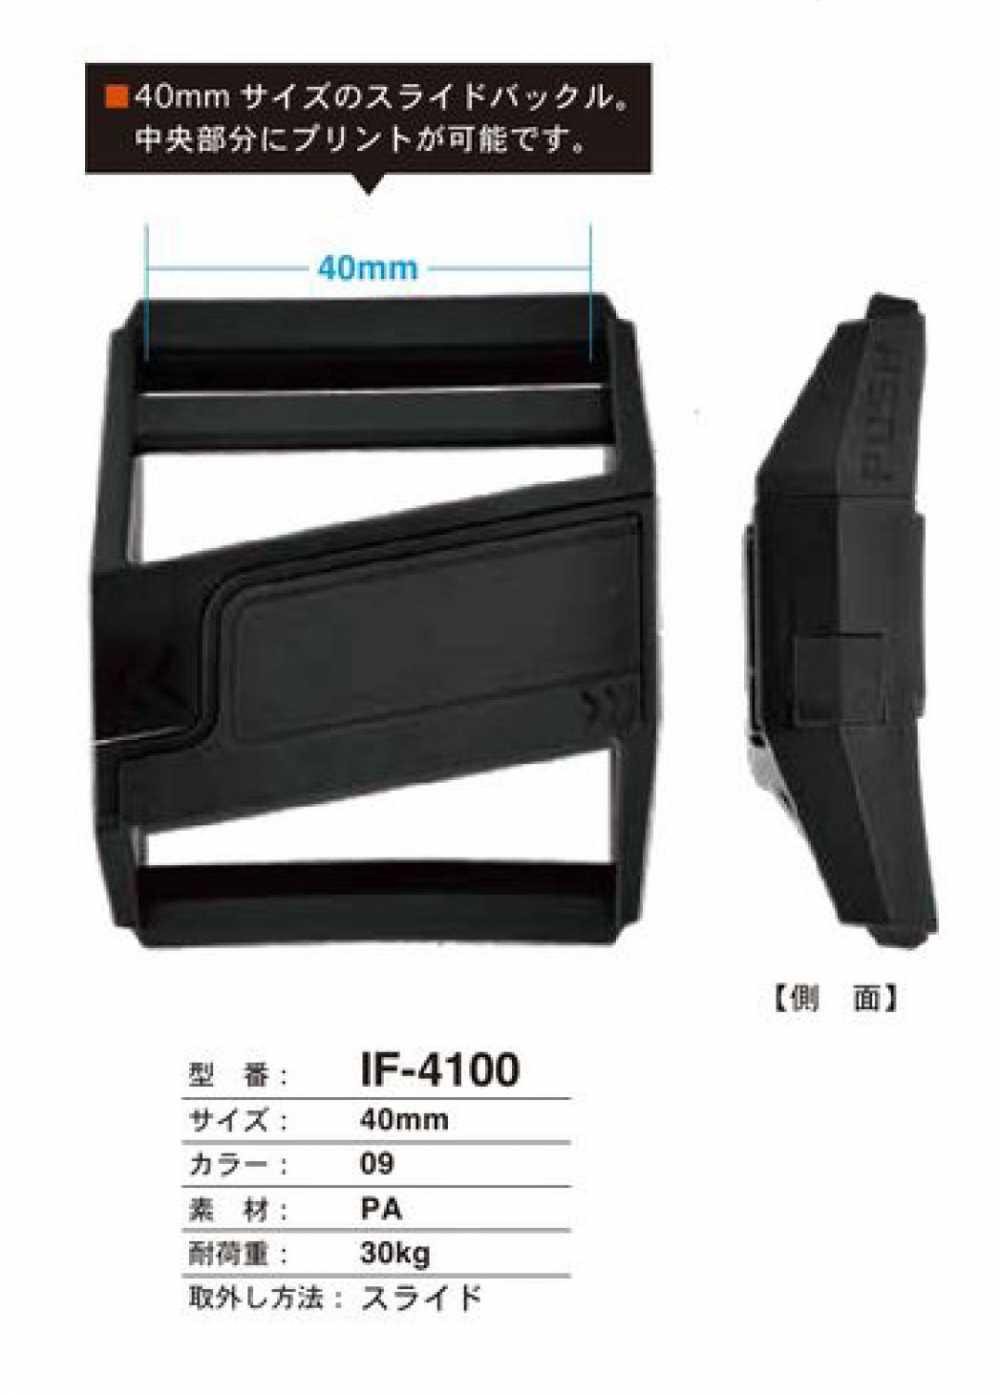 IF4100 プリント可能 40MM スライド バックル[バックル・カン類] FIDLOCK/オークラ商事 - ApparelX アパレル資材卸通販